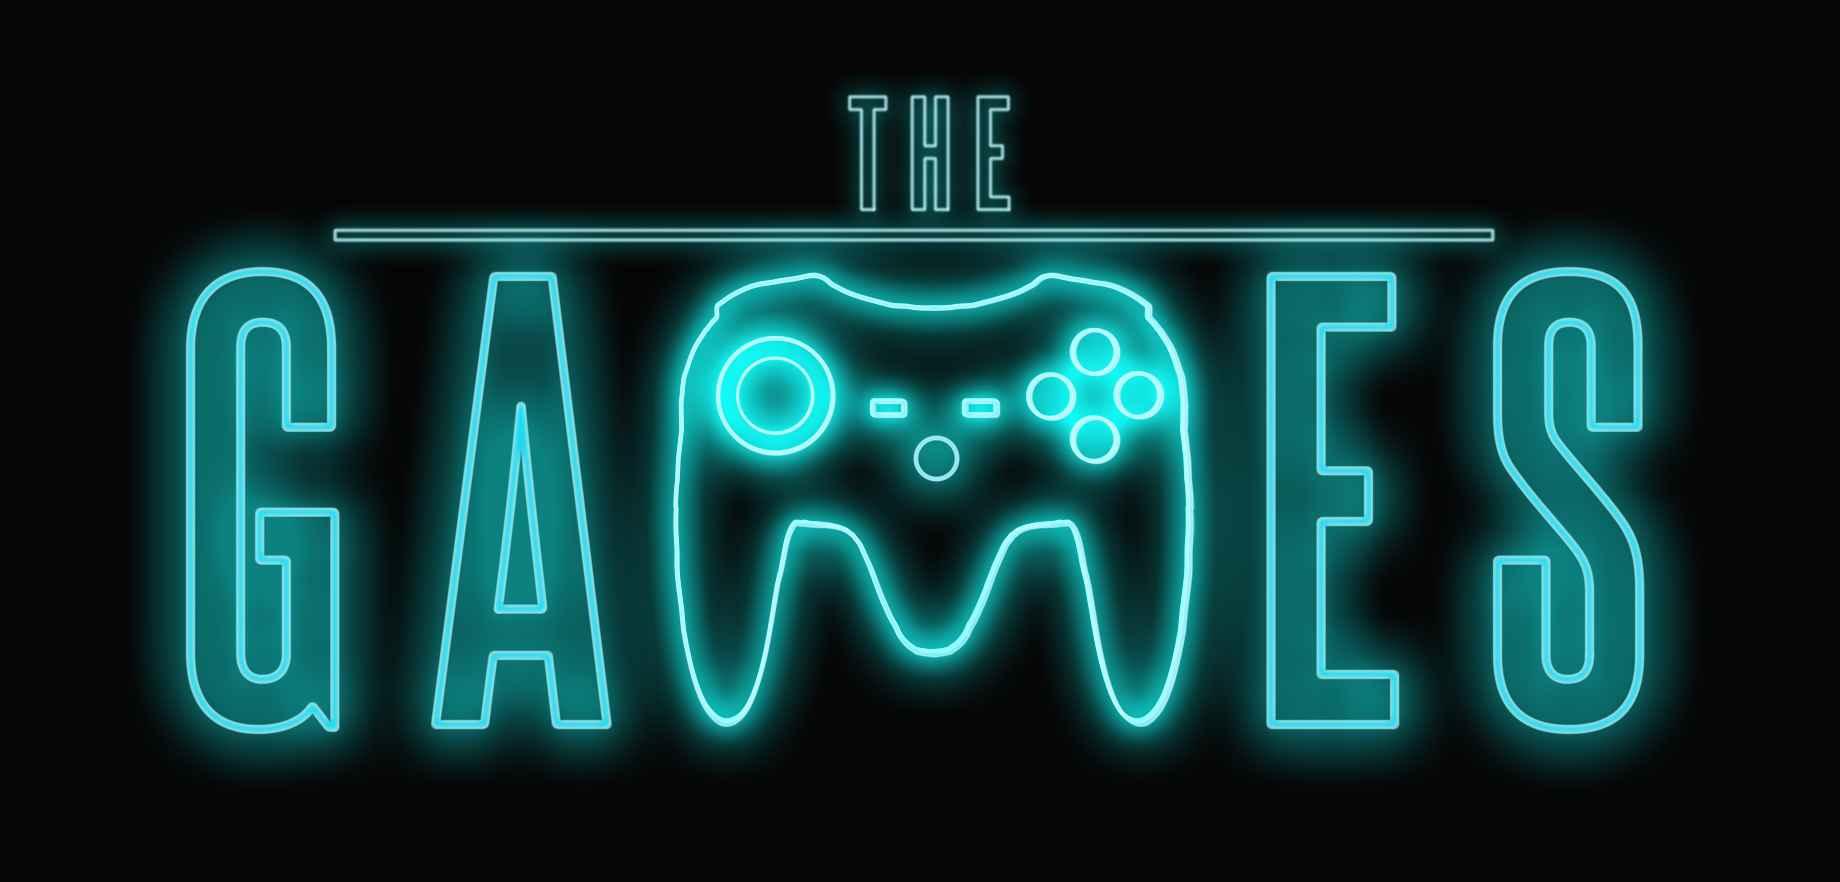 Games in september 18